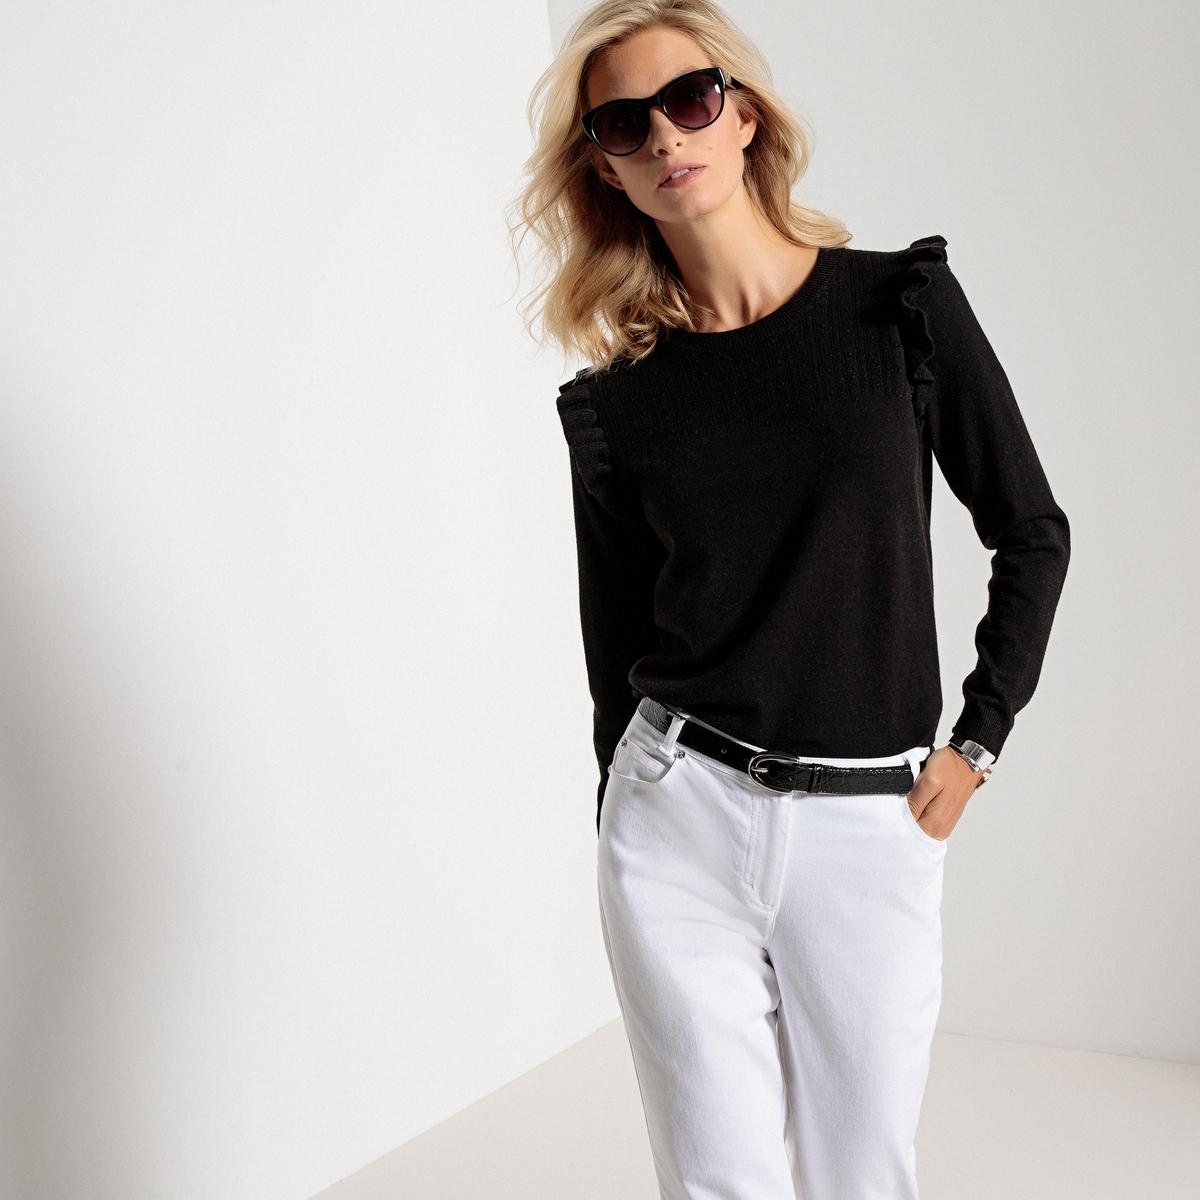 Пуловер из тонкого трикотажа с круглым вырезом и длинными рукавами пуловер с длинными рукавами